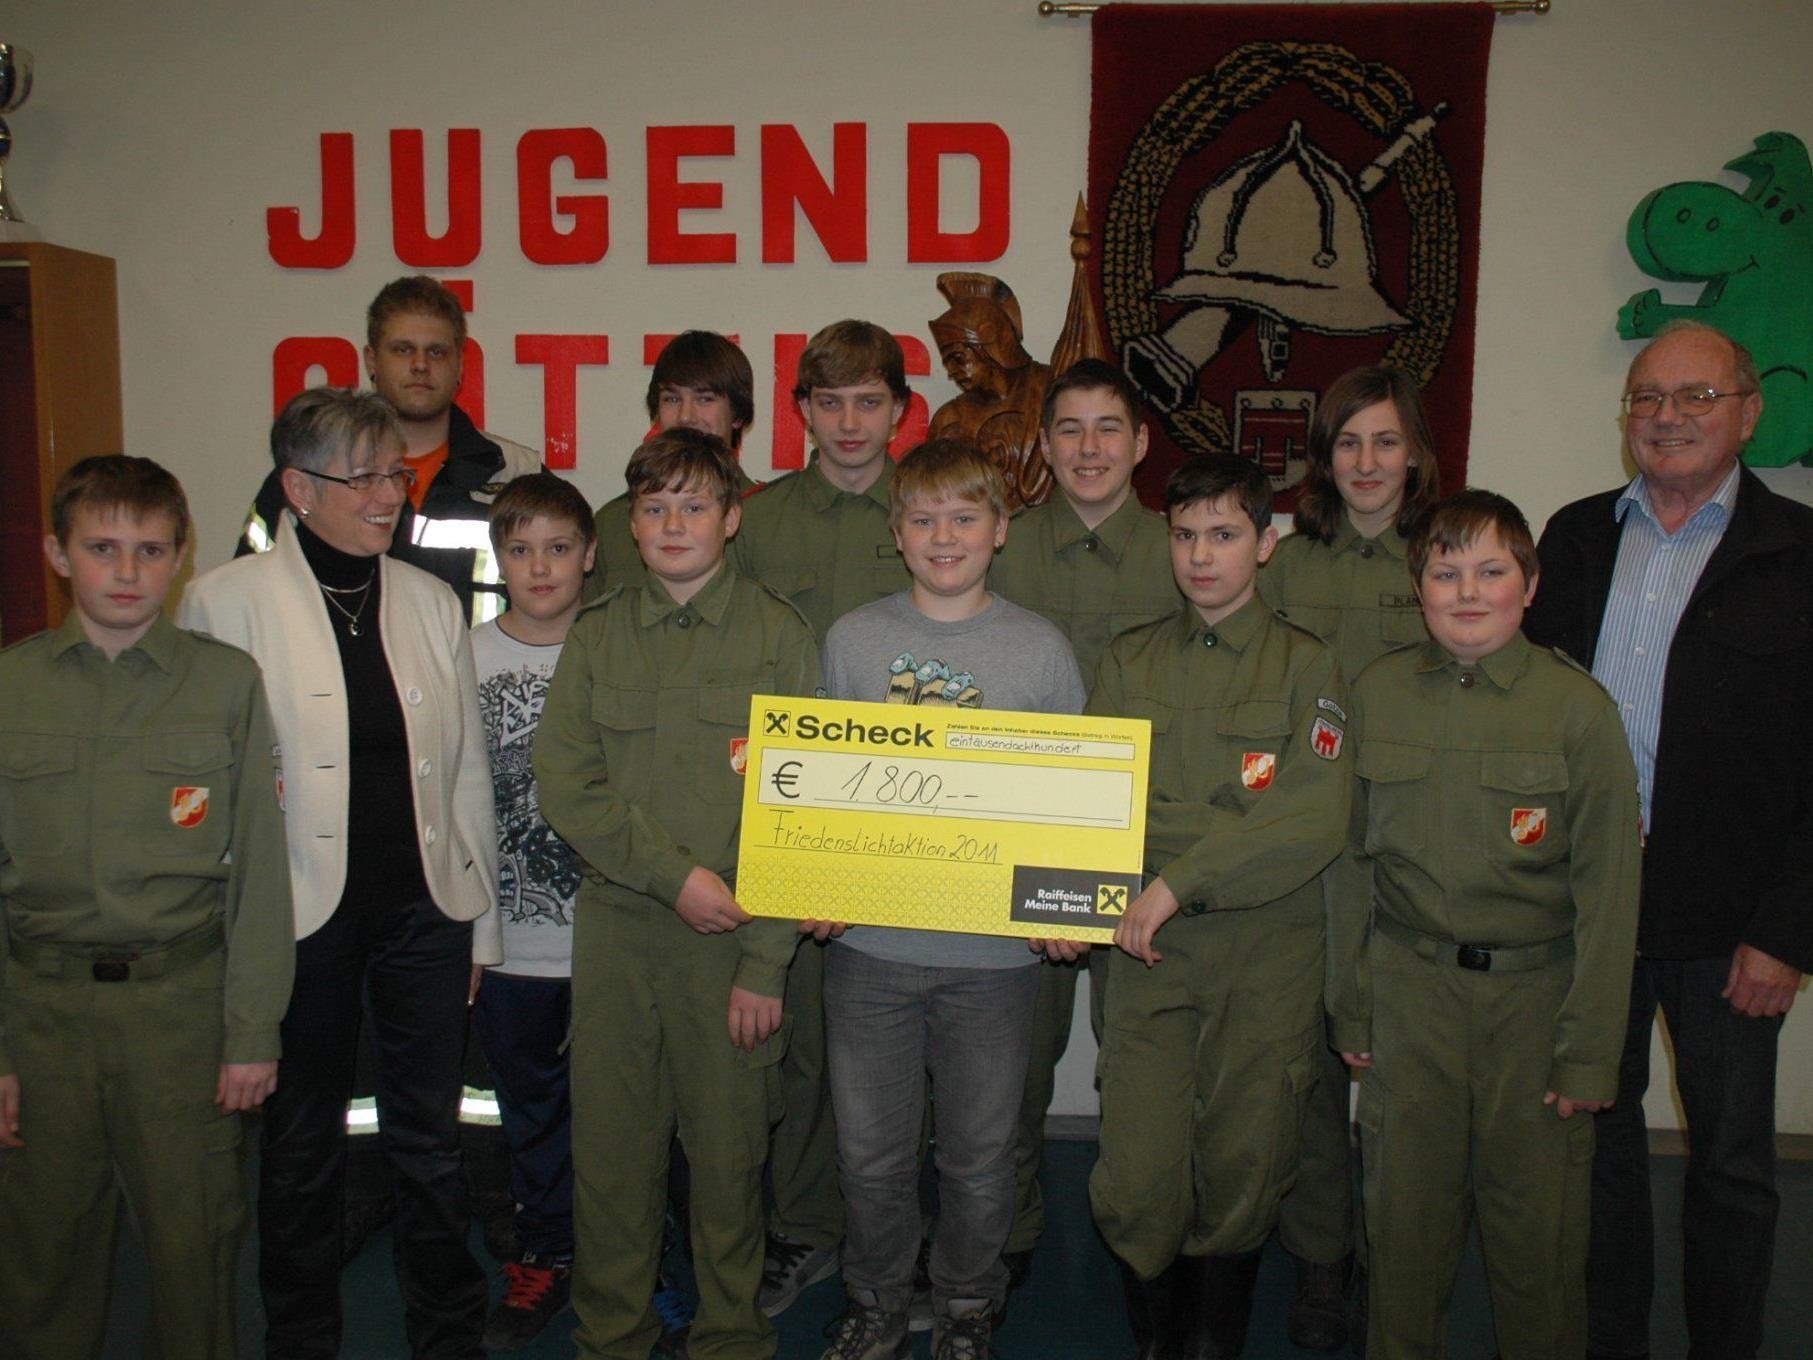 Die Feuerwehr Jugend spendete 1 800.- Euro für Bedürftige aus der Region